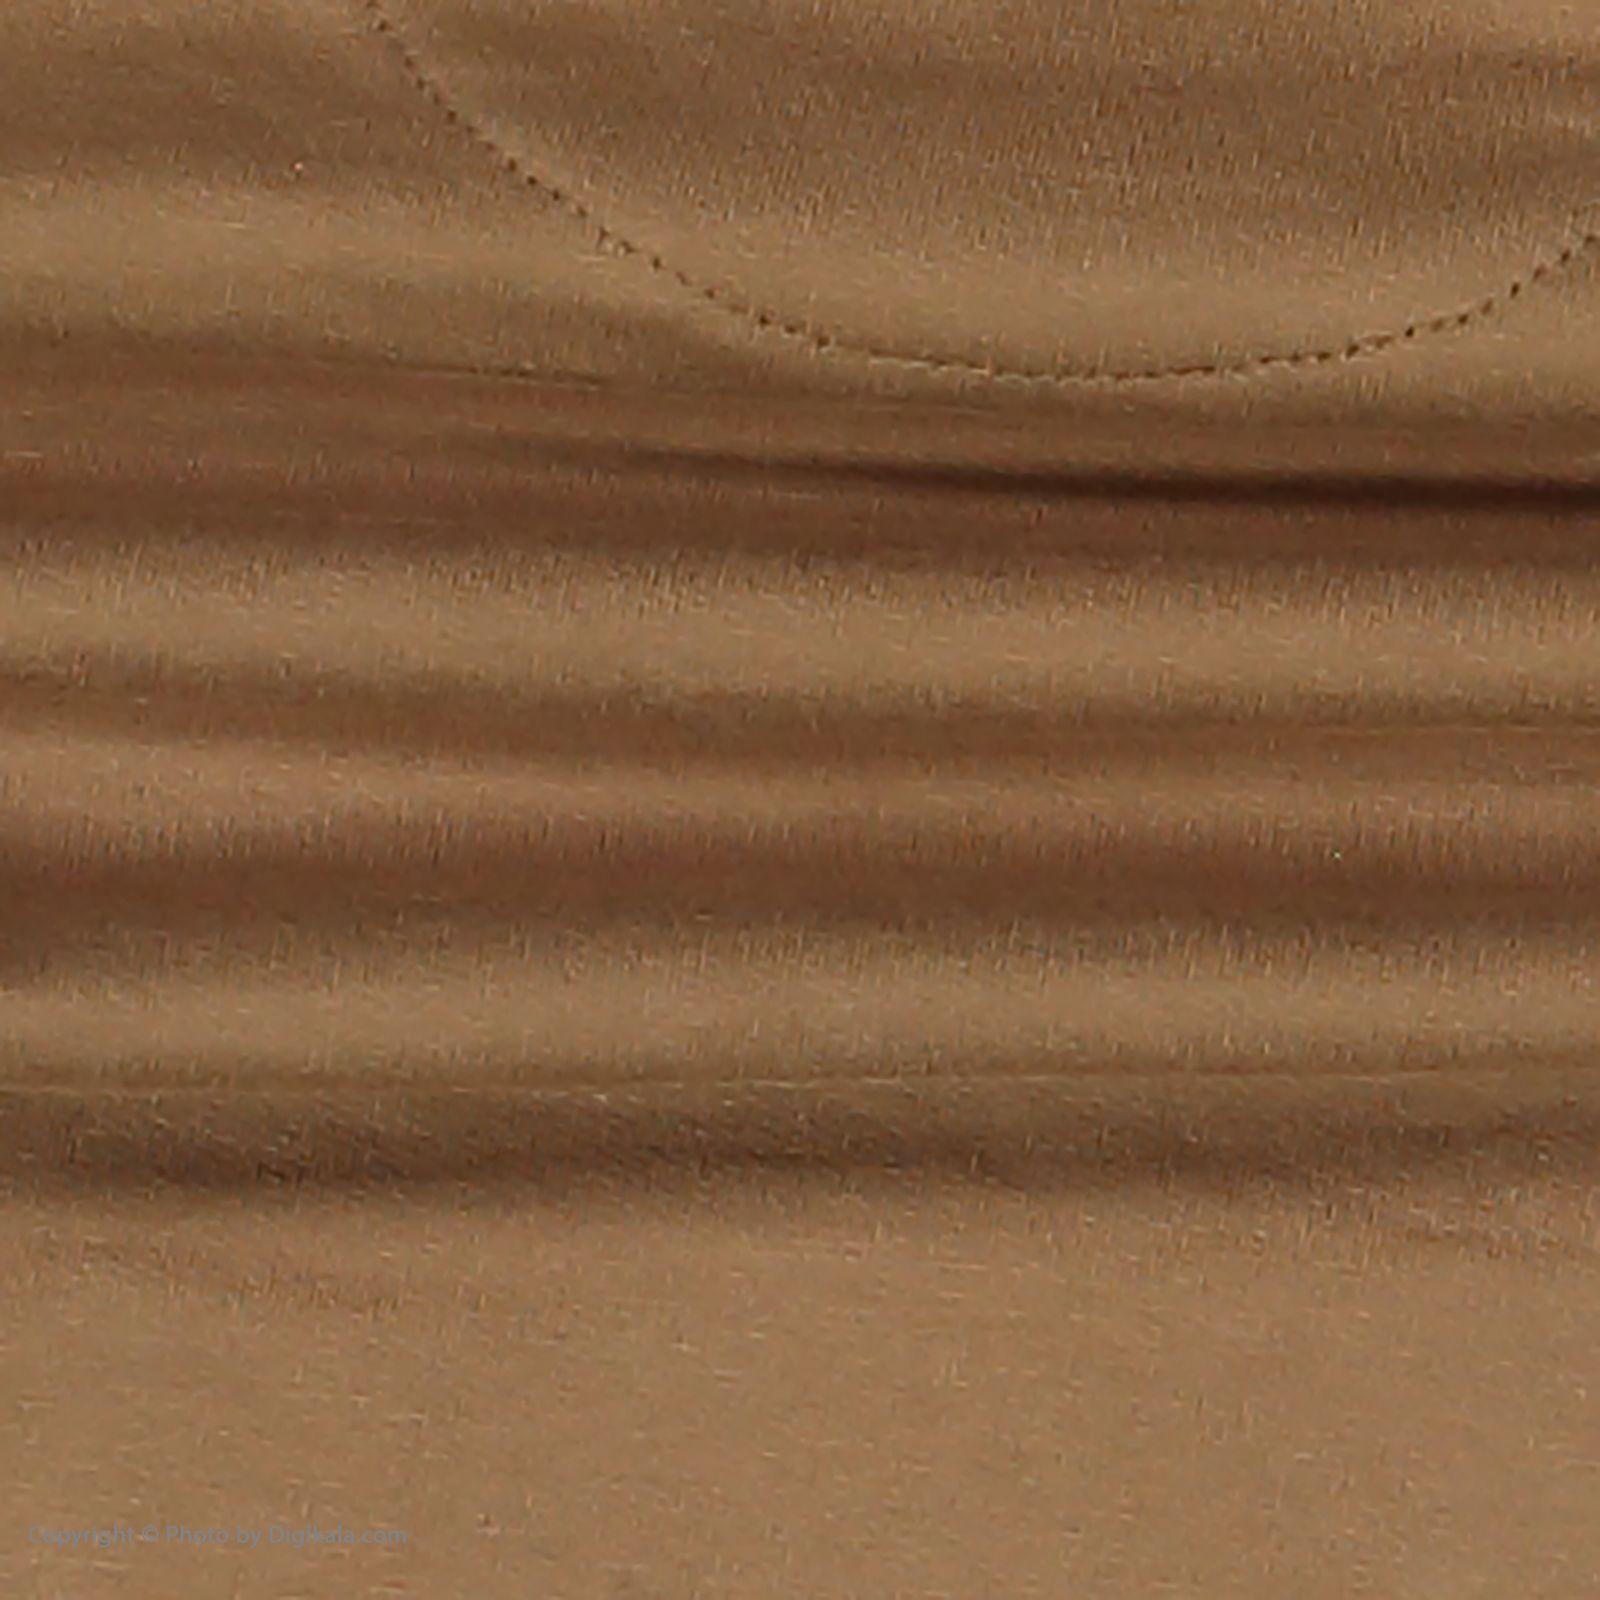 تی شرت پسرانه سون پون مدل 1391363-27 -  - 5